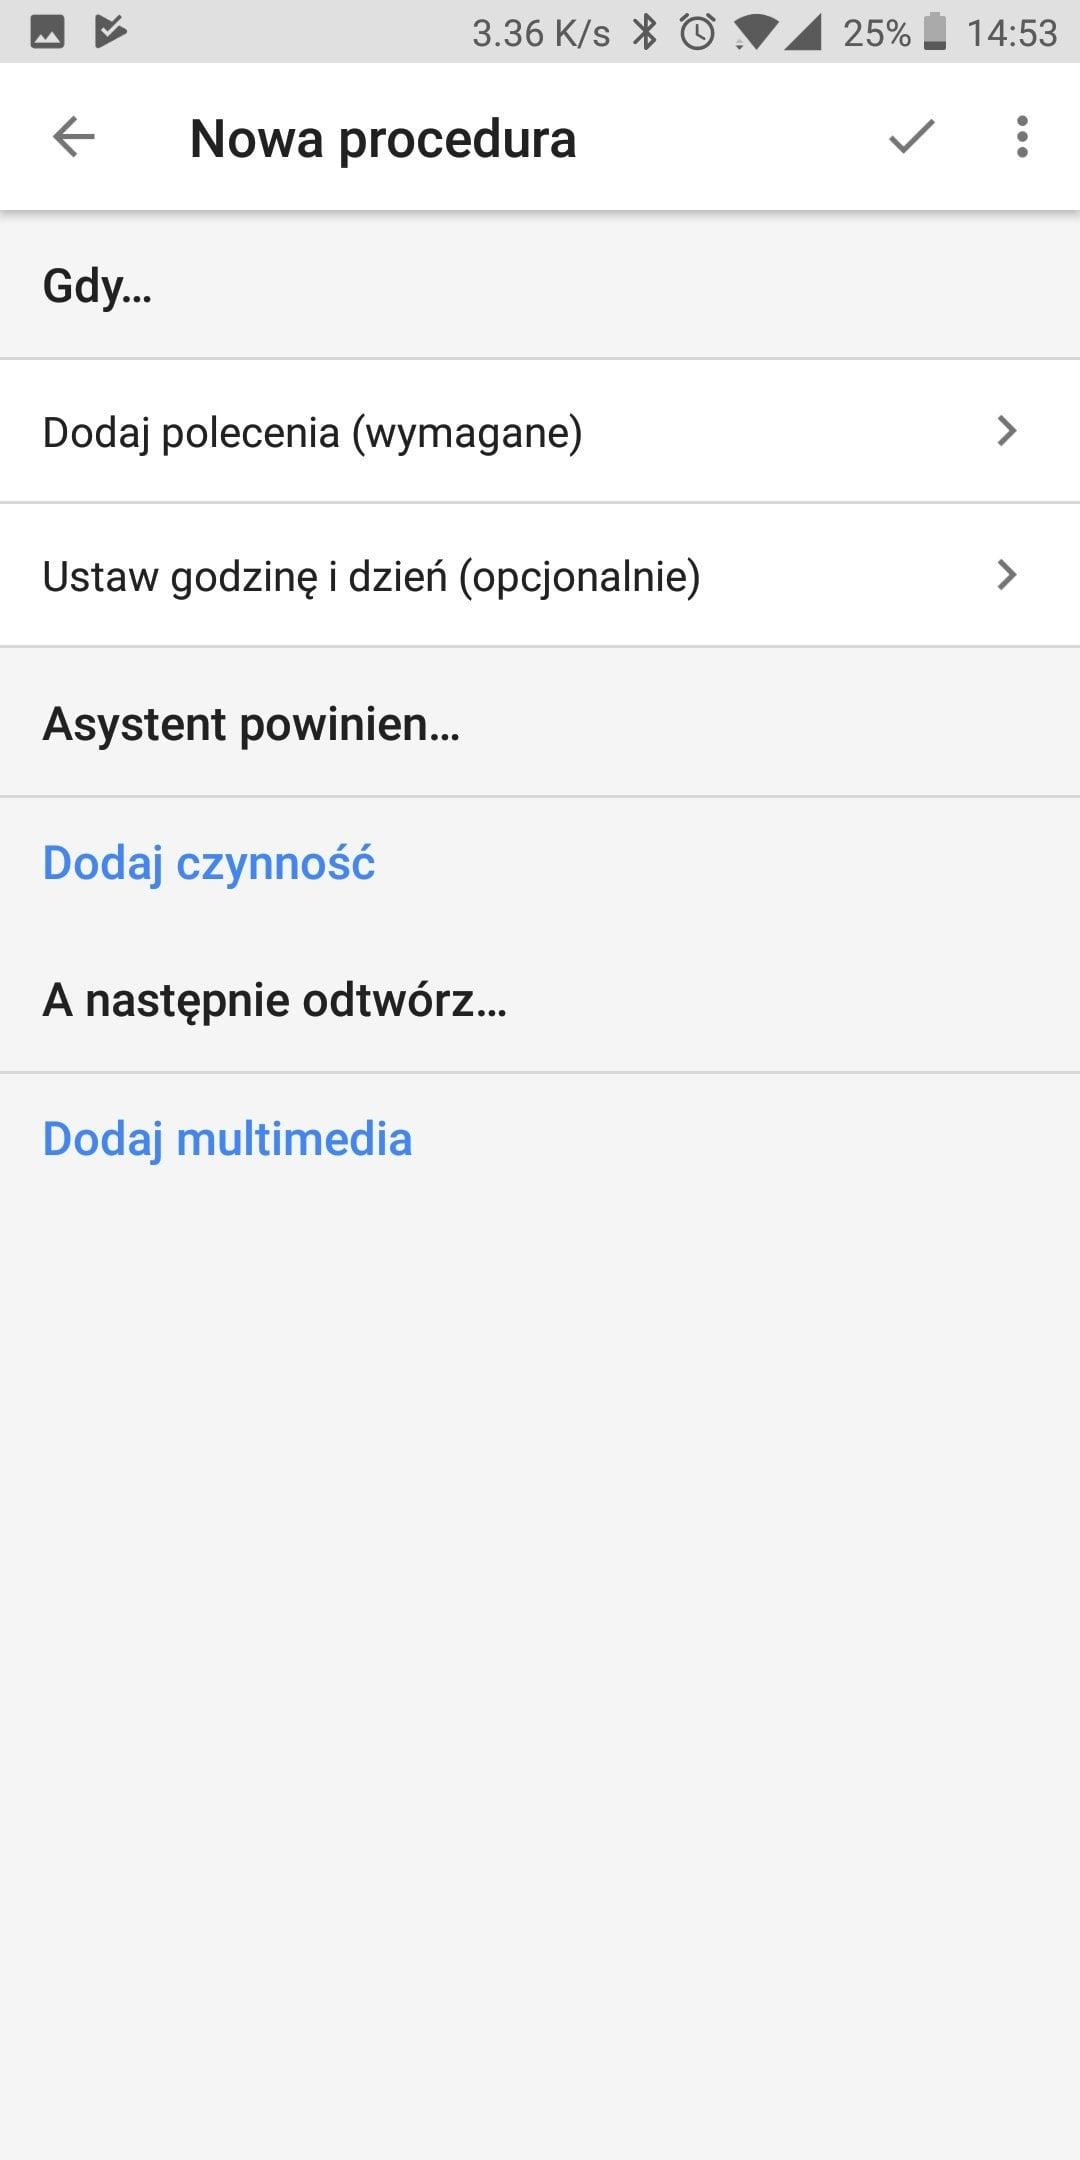 Tabletowo.pl Procedury w Asystencie Google sprawią, że ubędzie Wam sporo rzeczy do zrobienia w różnych sytuacjach Asystenci głosowi Ciekawostki Google